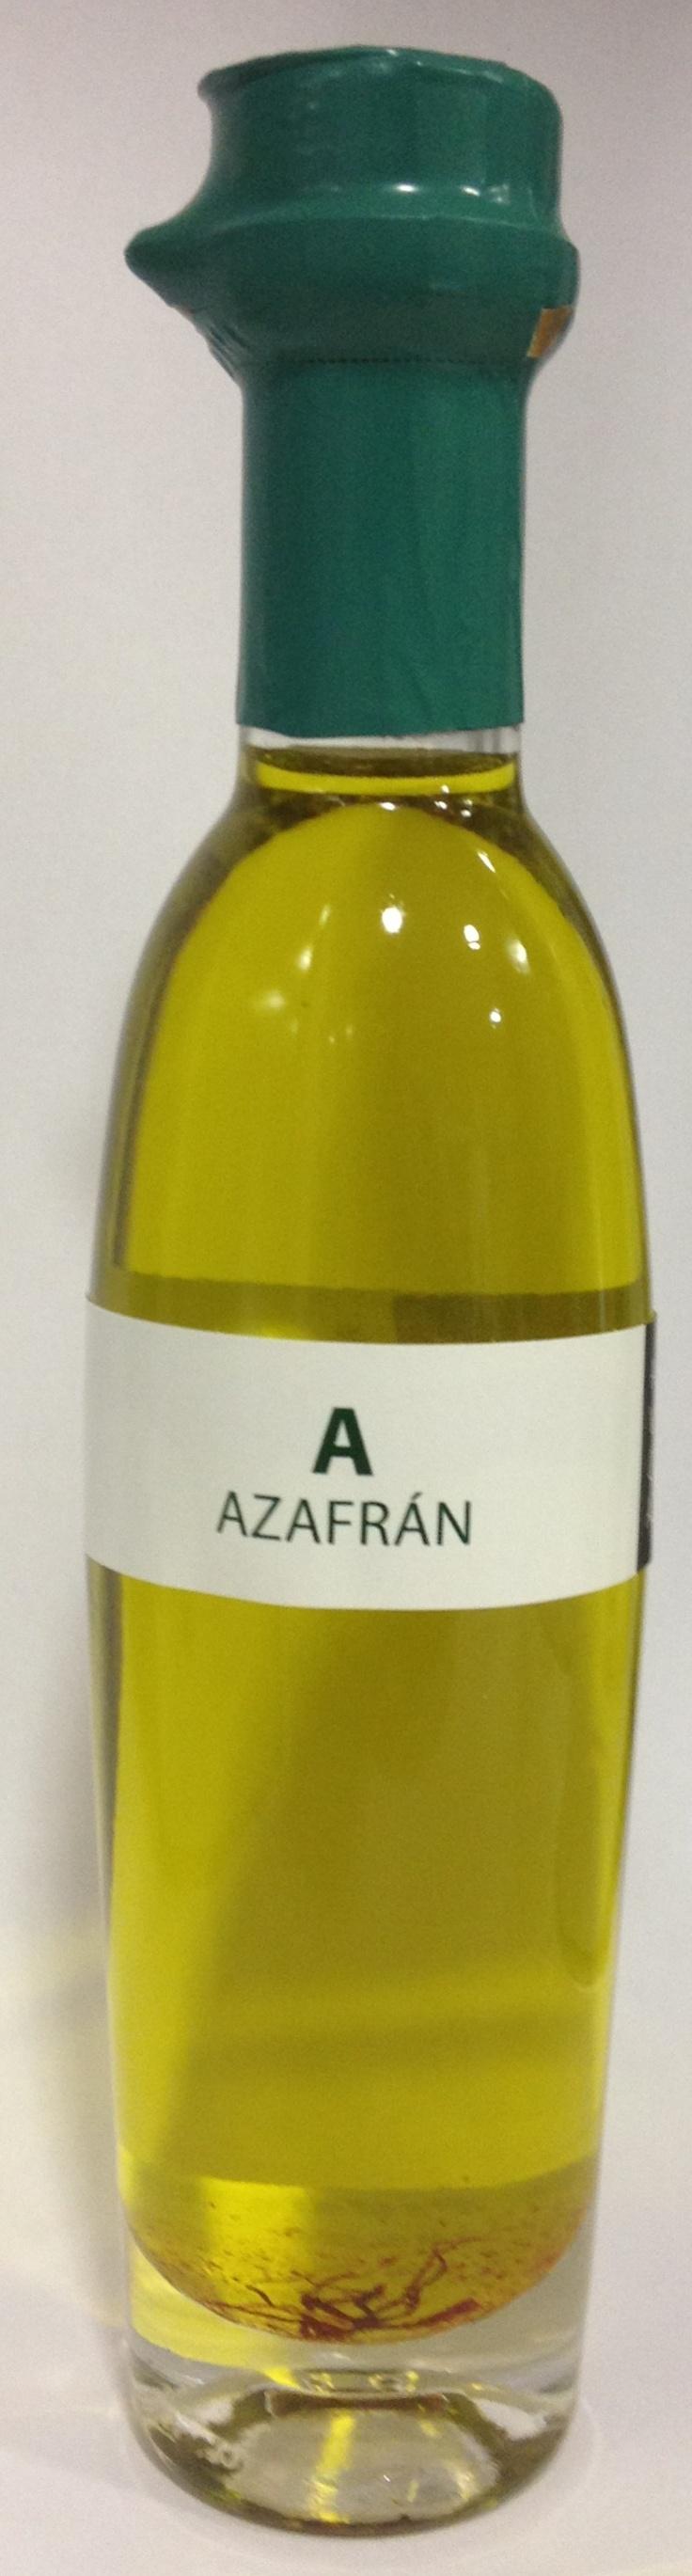 Aceite de oliva virgen extra ecostean con azafran! Condimentado ESPECIAL !!